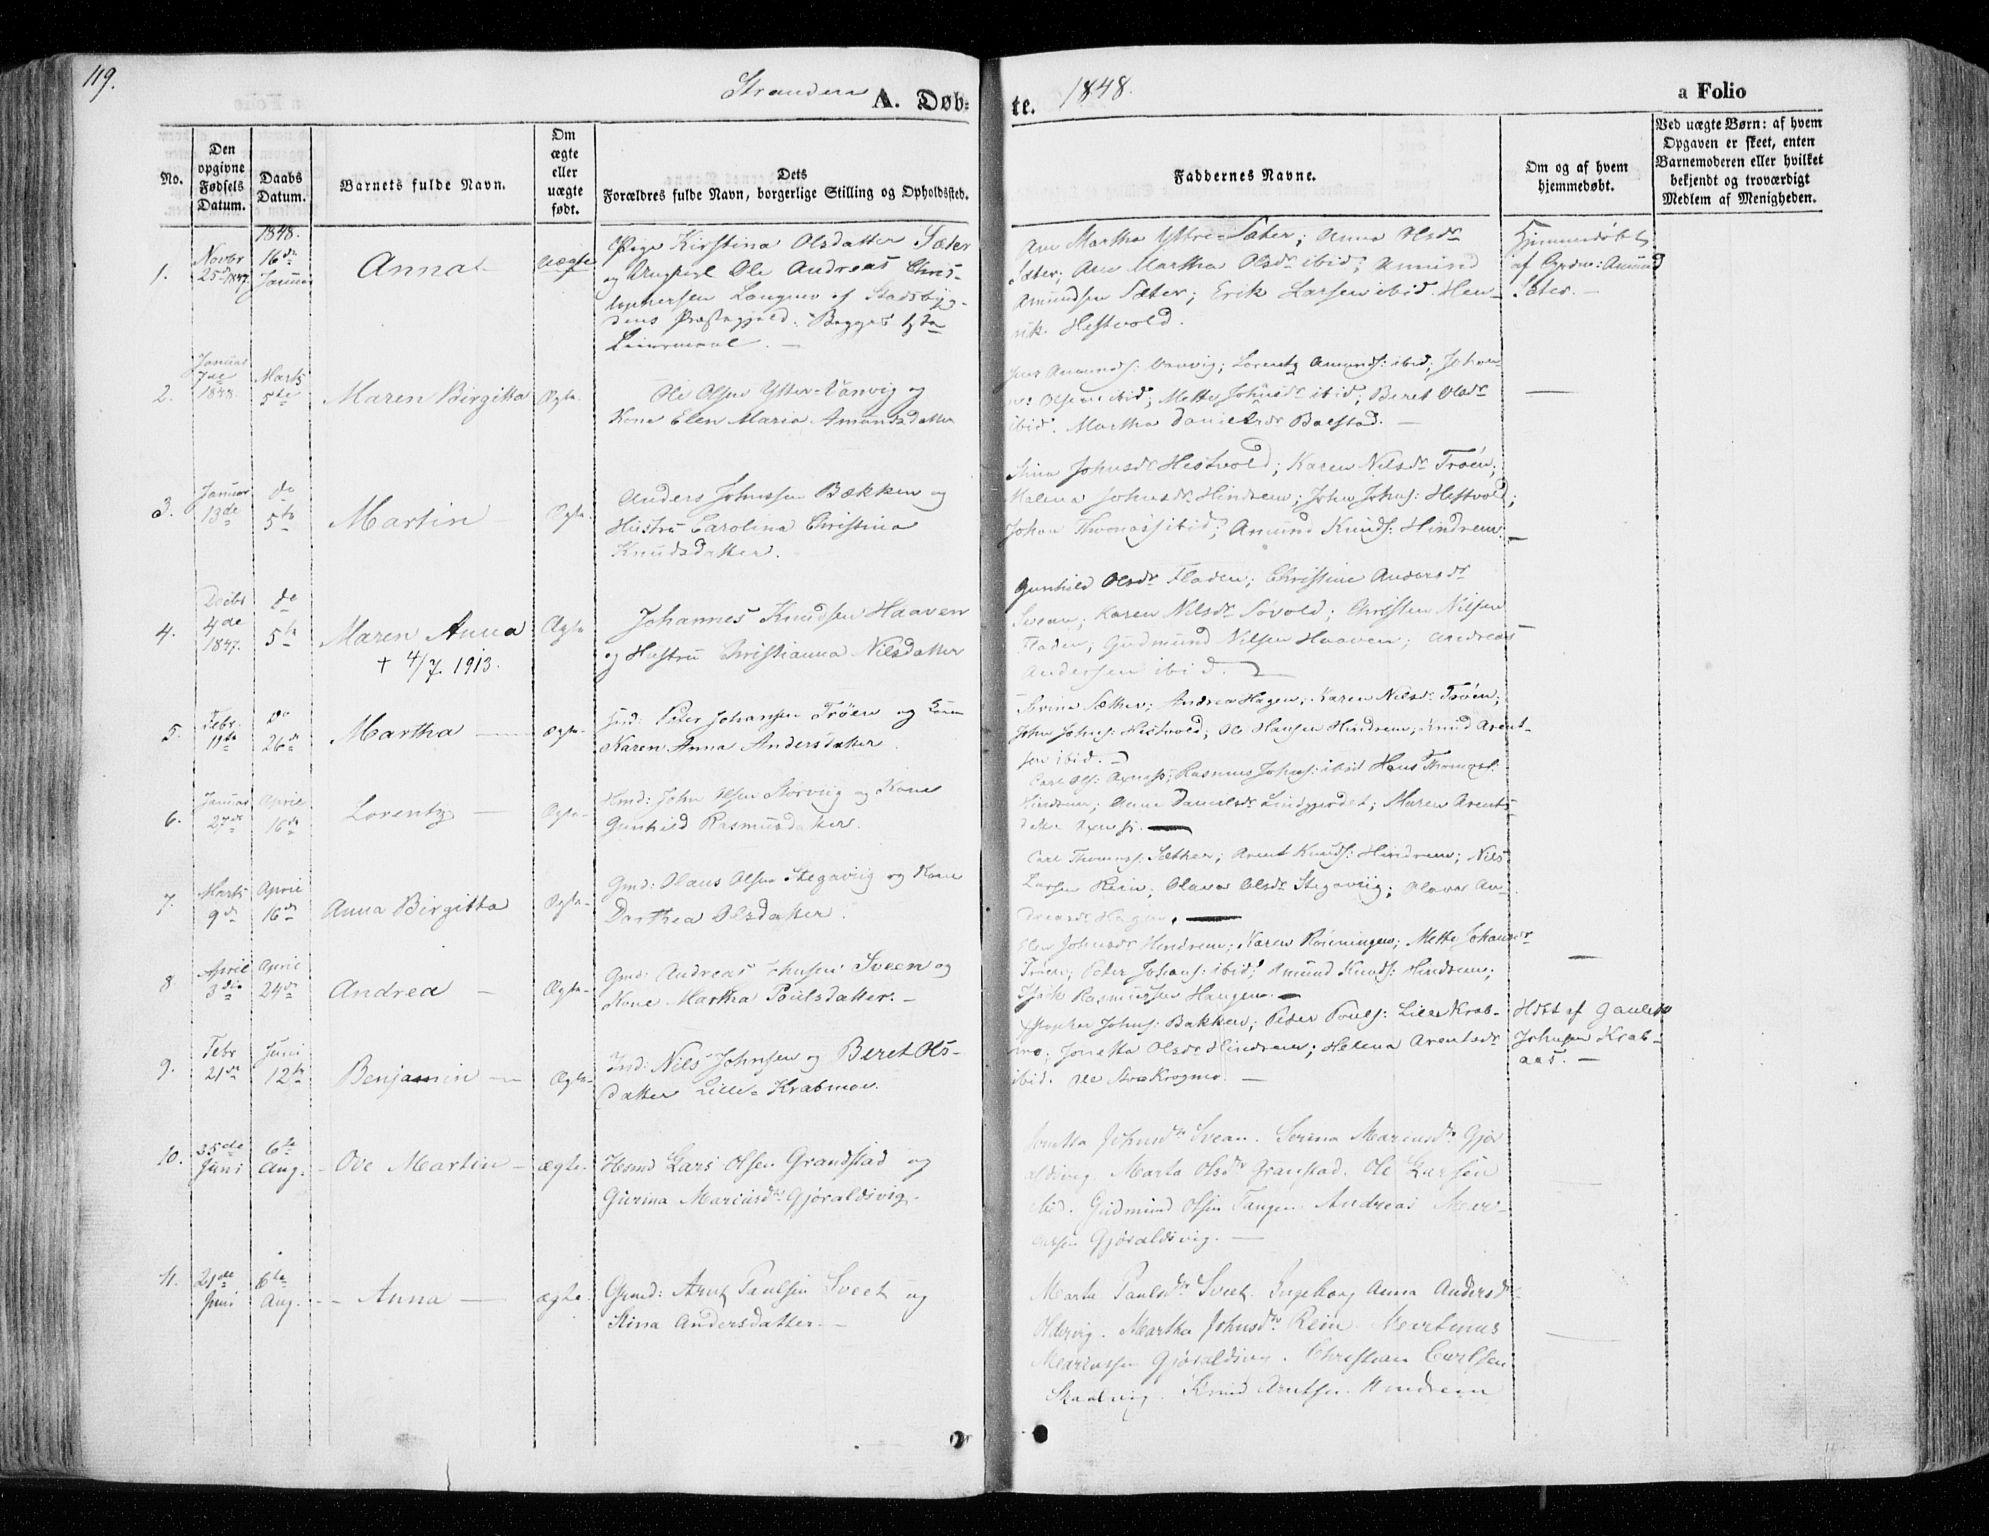 SAT, Ministerialprotokoller, klokkerbøker og fødselsregistre - Nord-Trøndelag, 701/L0007: Ministerialbok nr. 701A07 /2, 1842-1854, s. 119